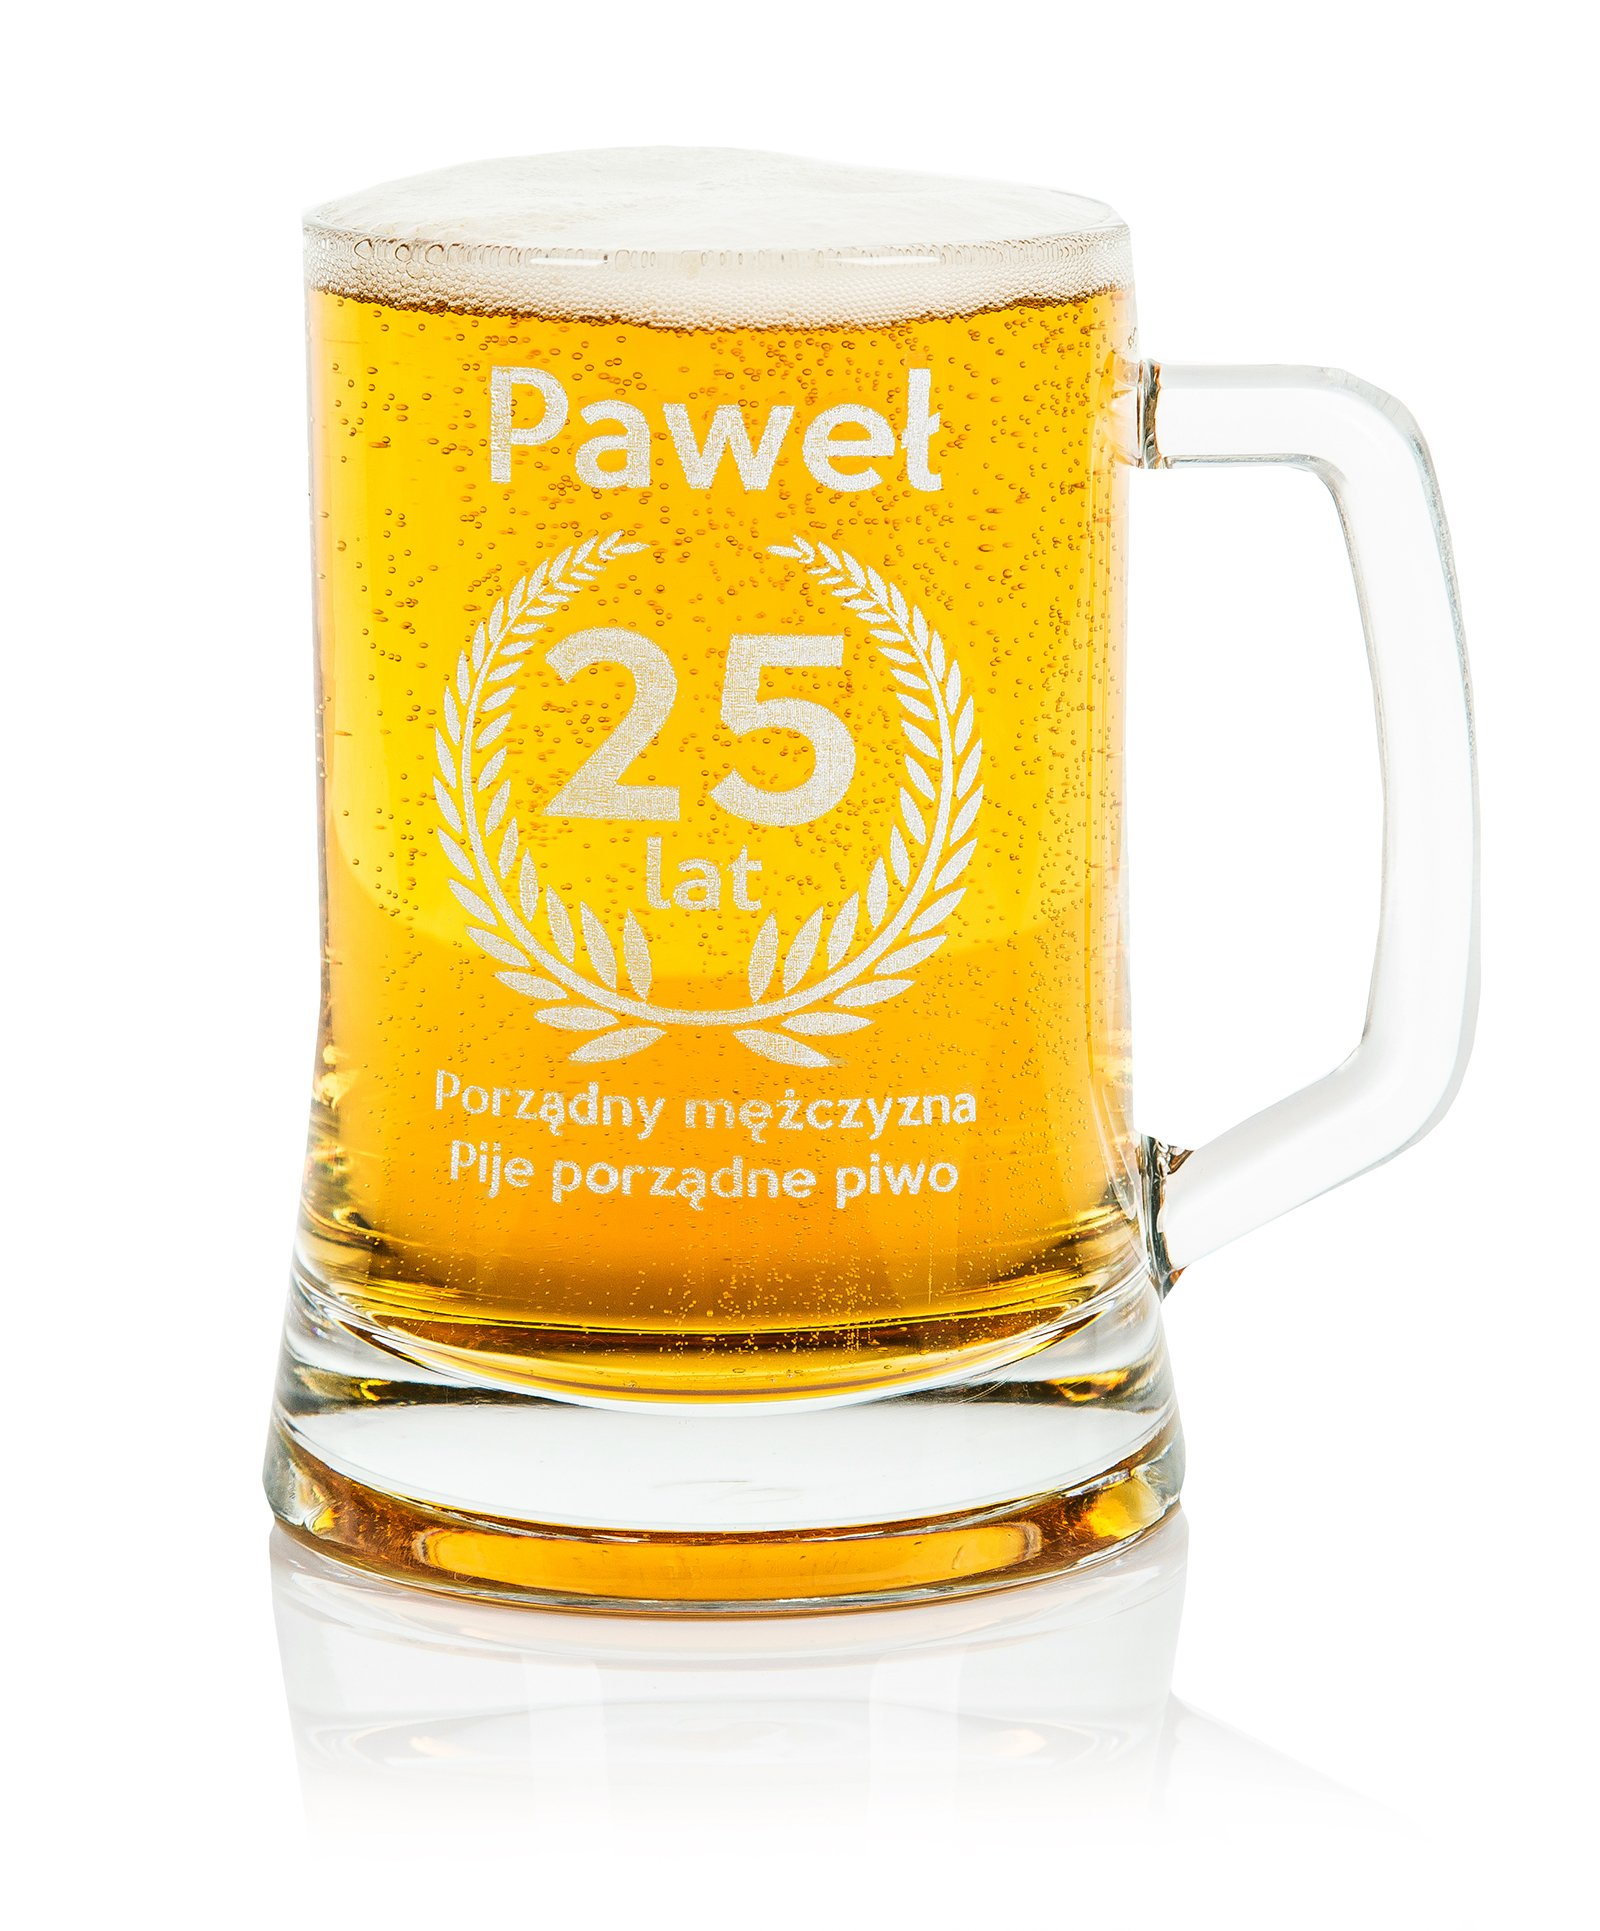 Pätica pivo s vlastným rytlom. Rôzne príležitosti